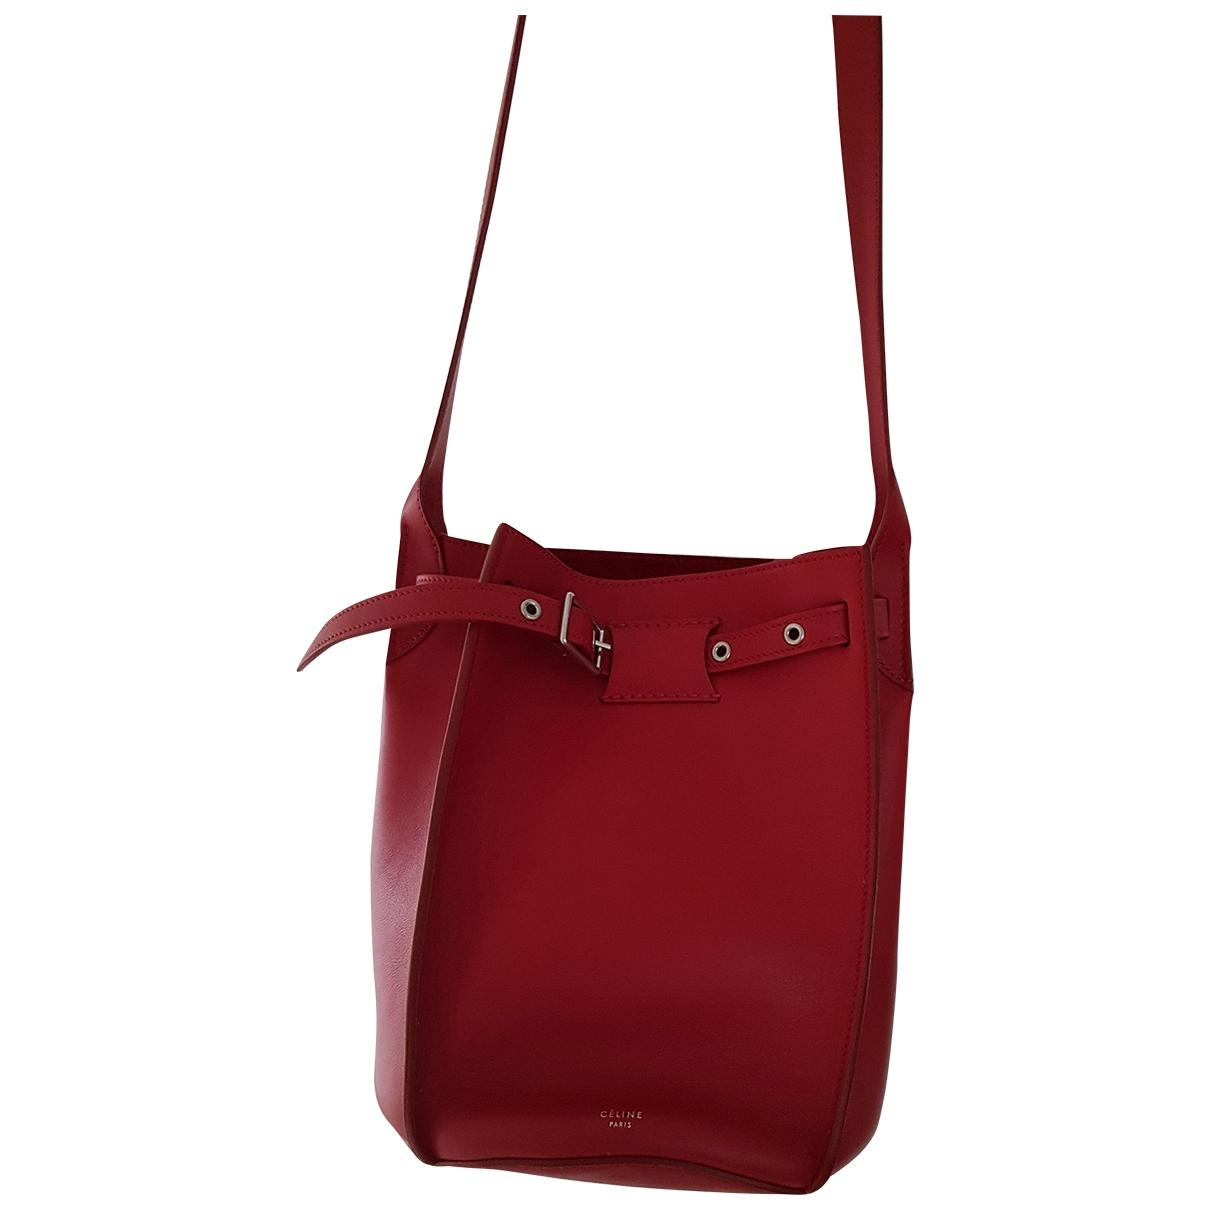 Celine - Sac a main Big Bag pour femme en cuir - rouge